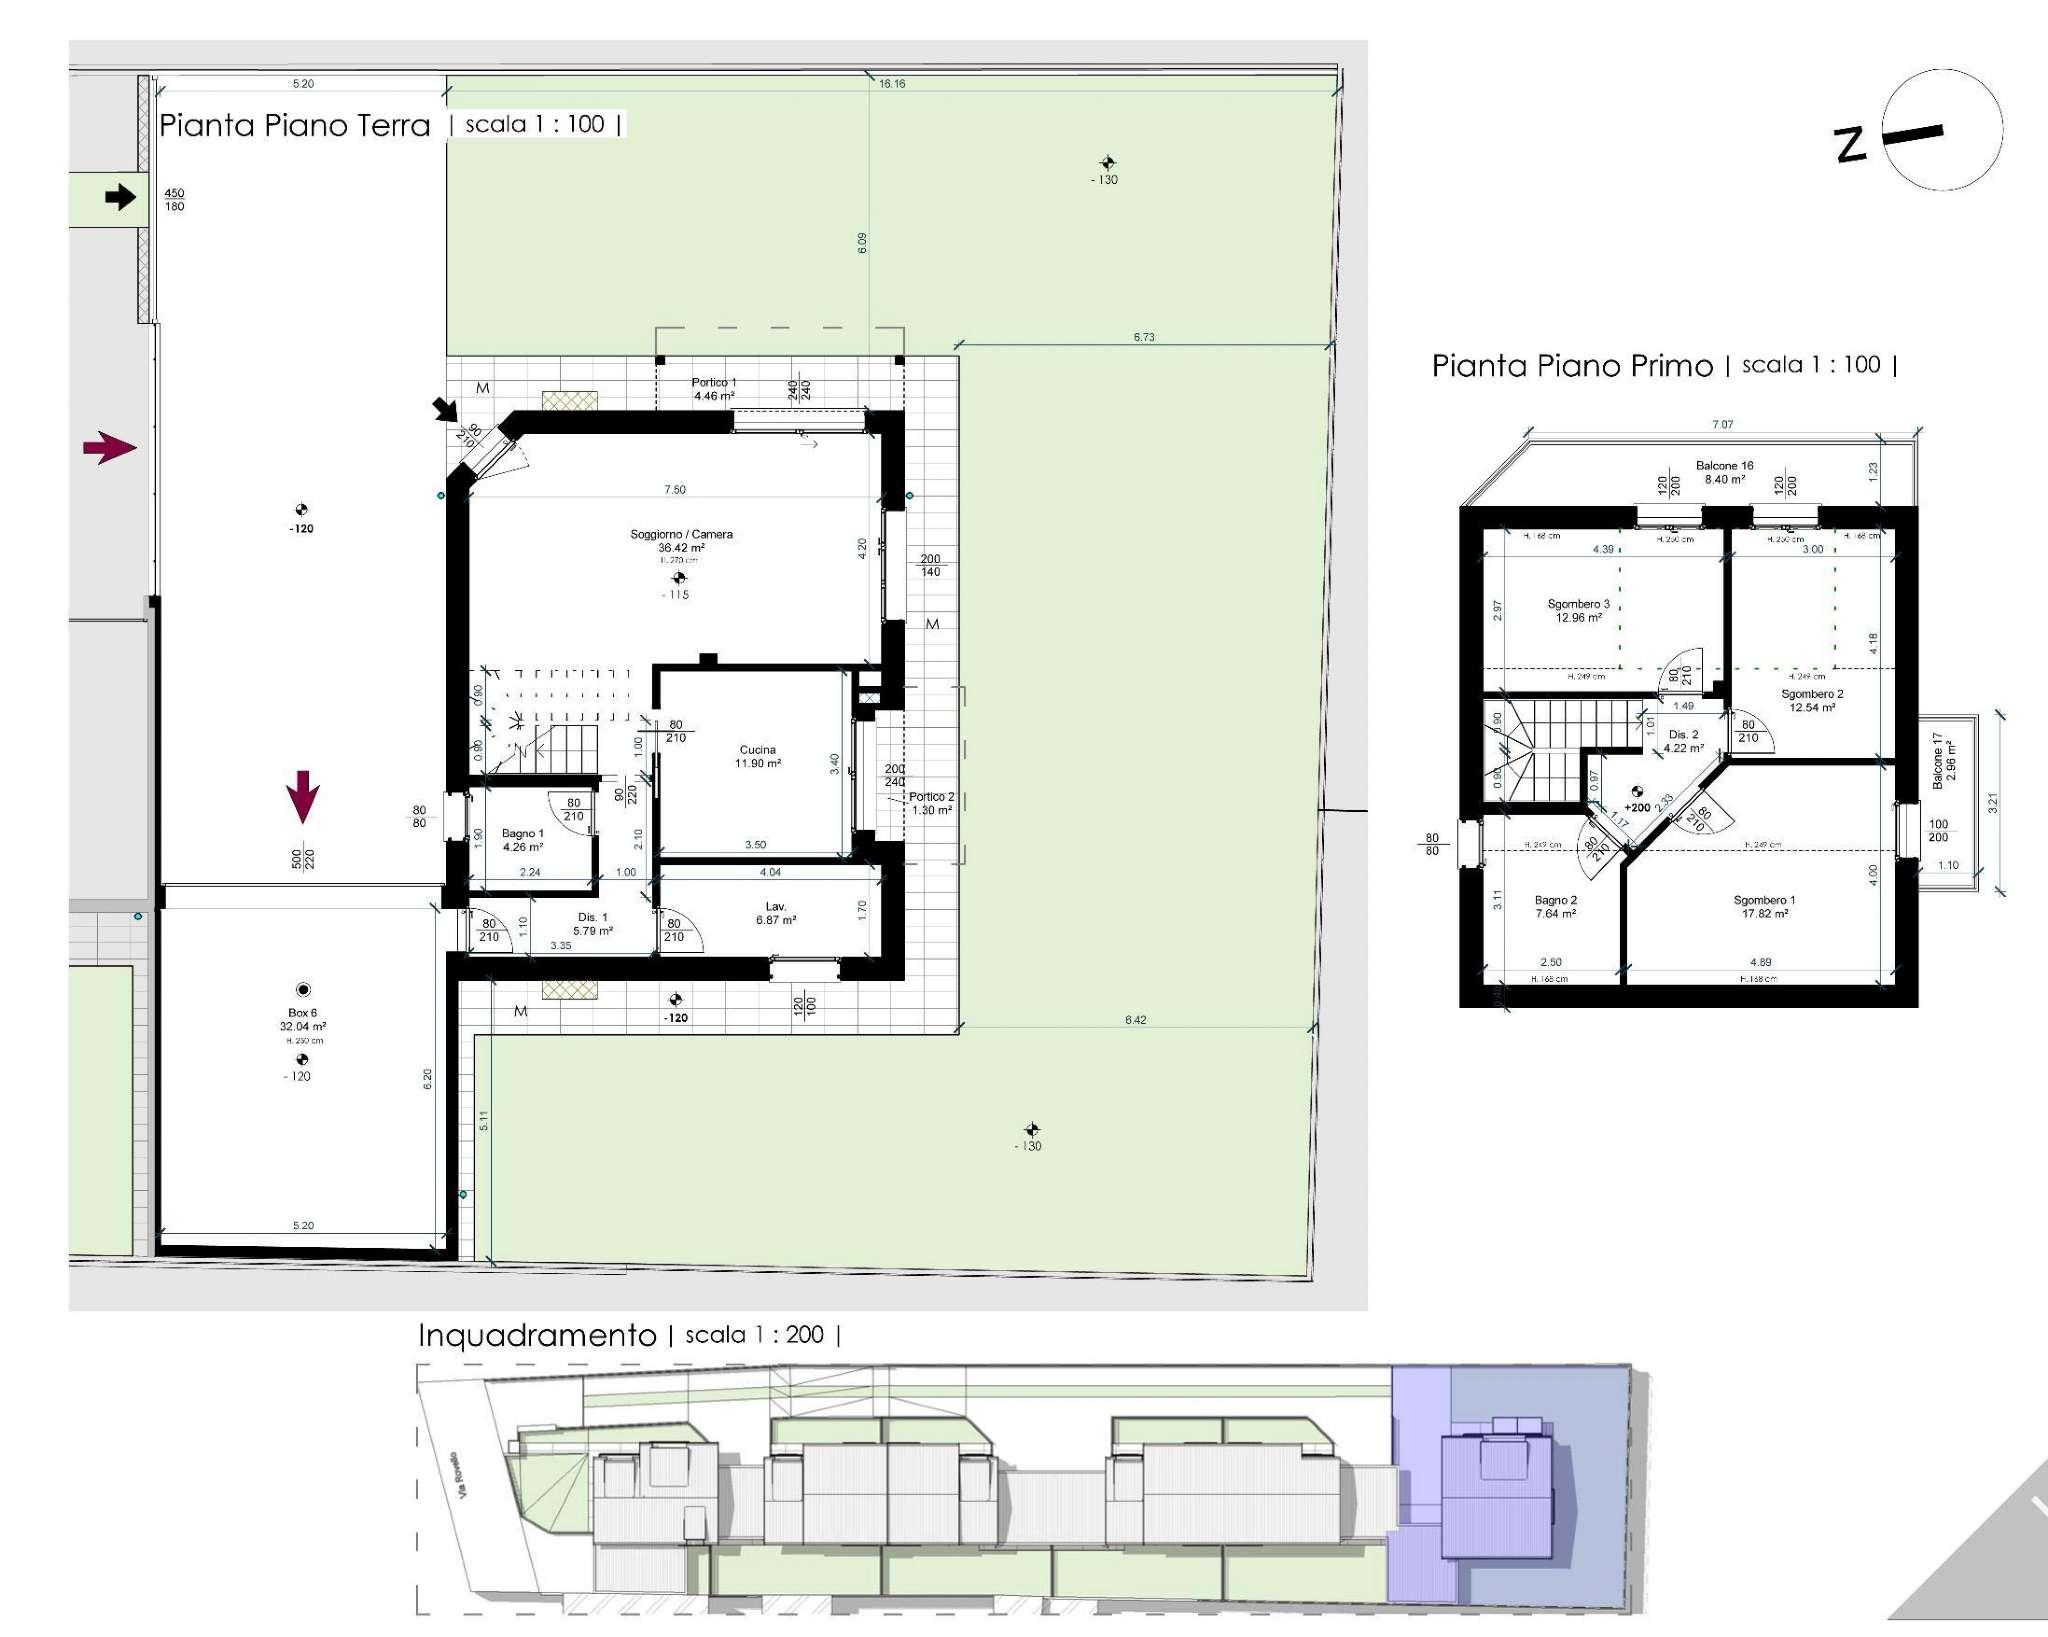 Villa in vendita a Gerenzano, 4 locali, prezzo € 385.000 | CambioCasa.it